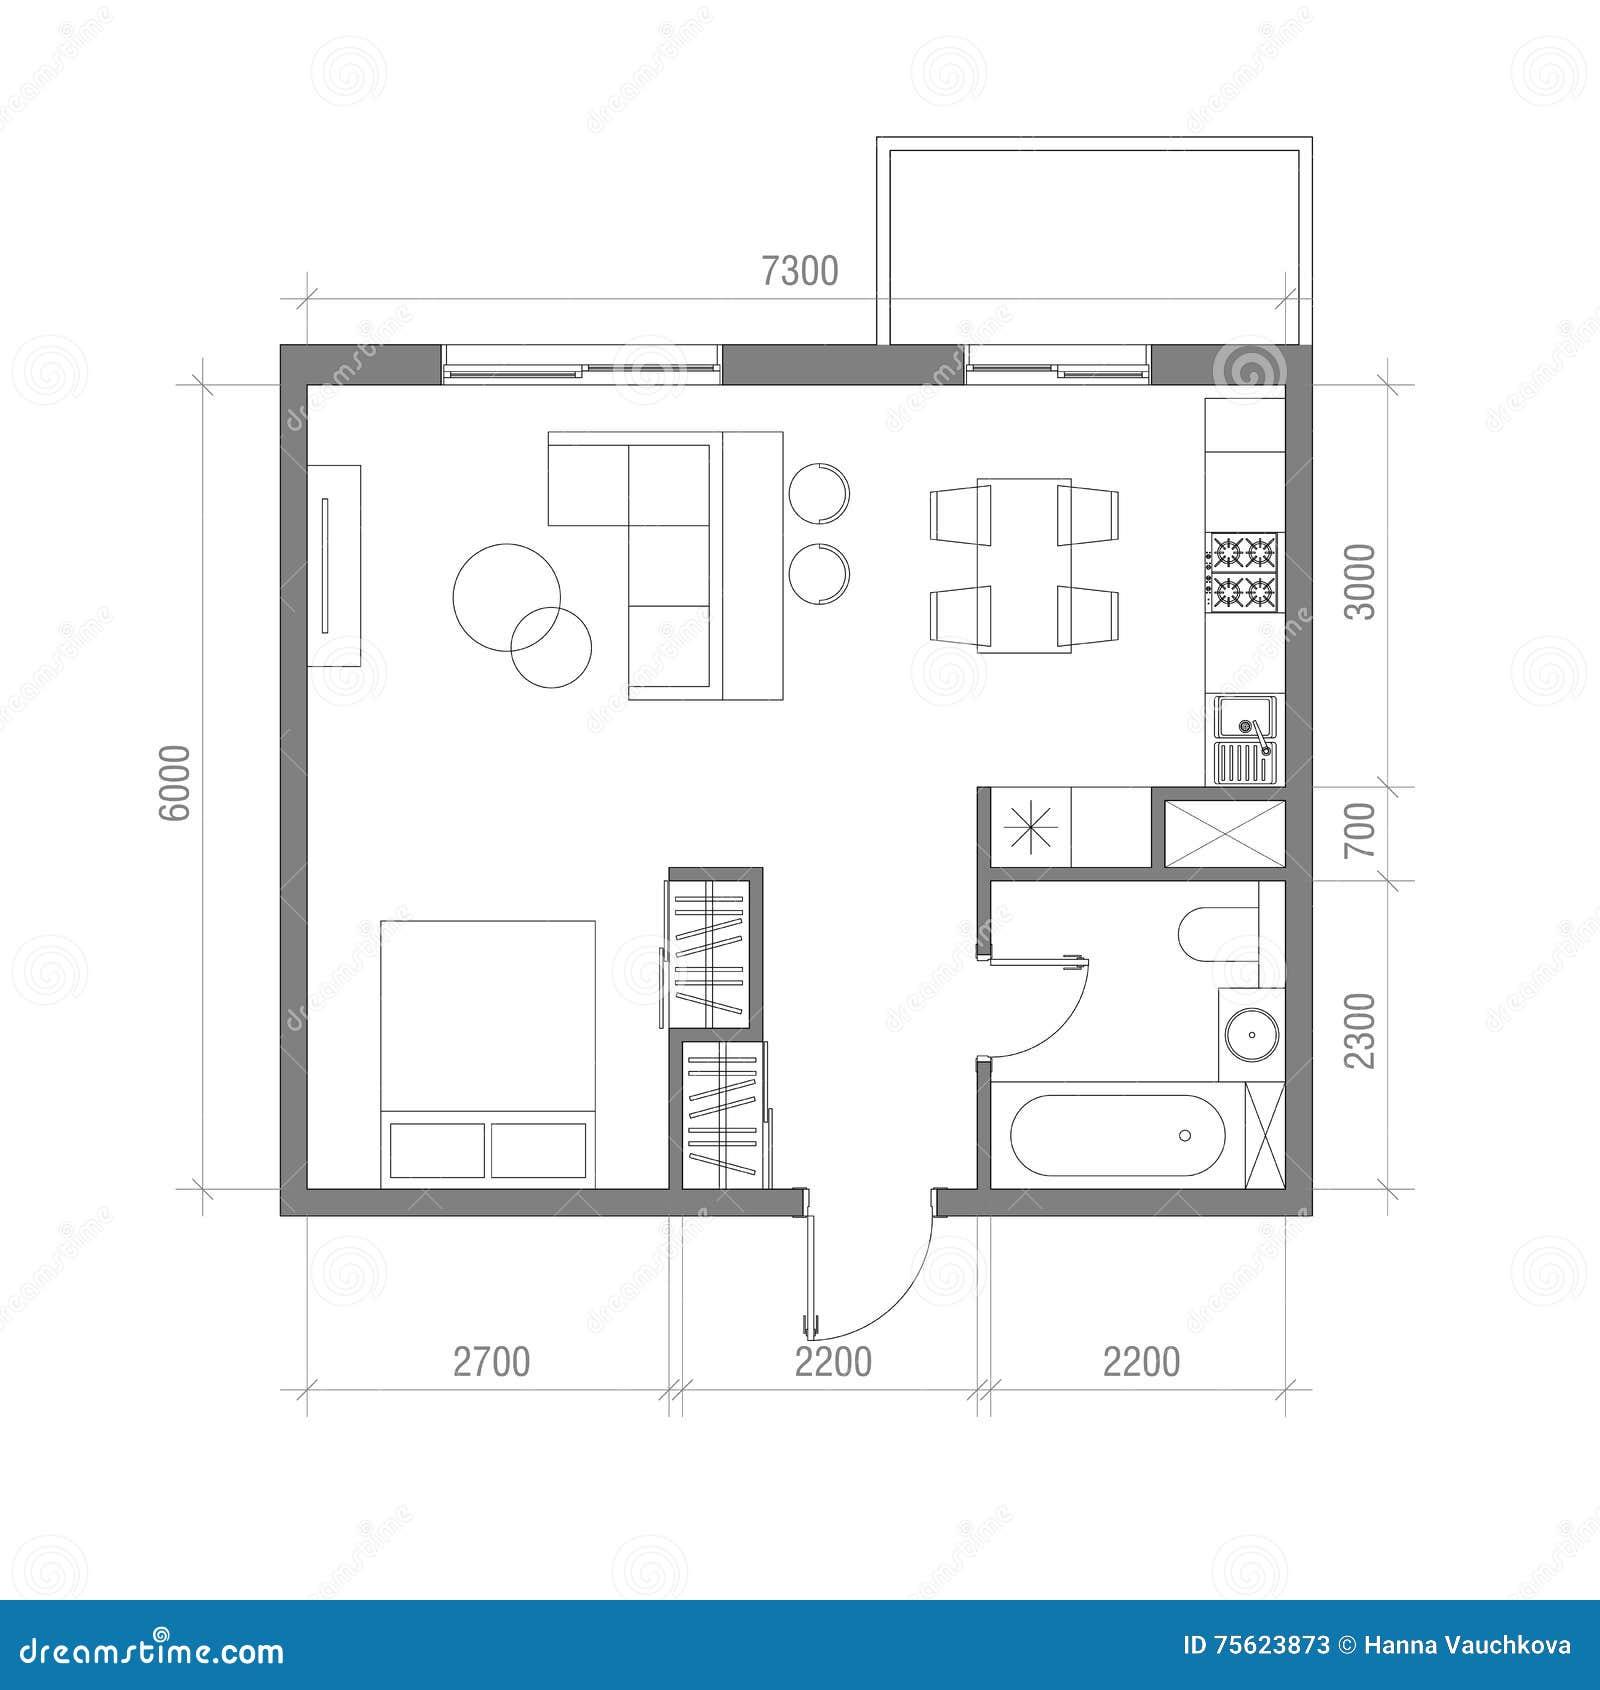 Fantastisch Küche Grundriss Layout Galerie - Ideen Für Die Küche ...